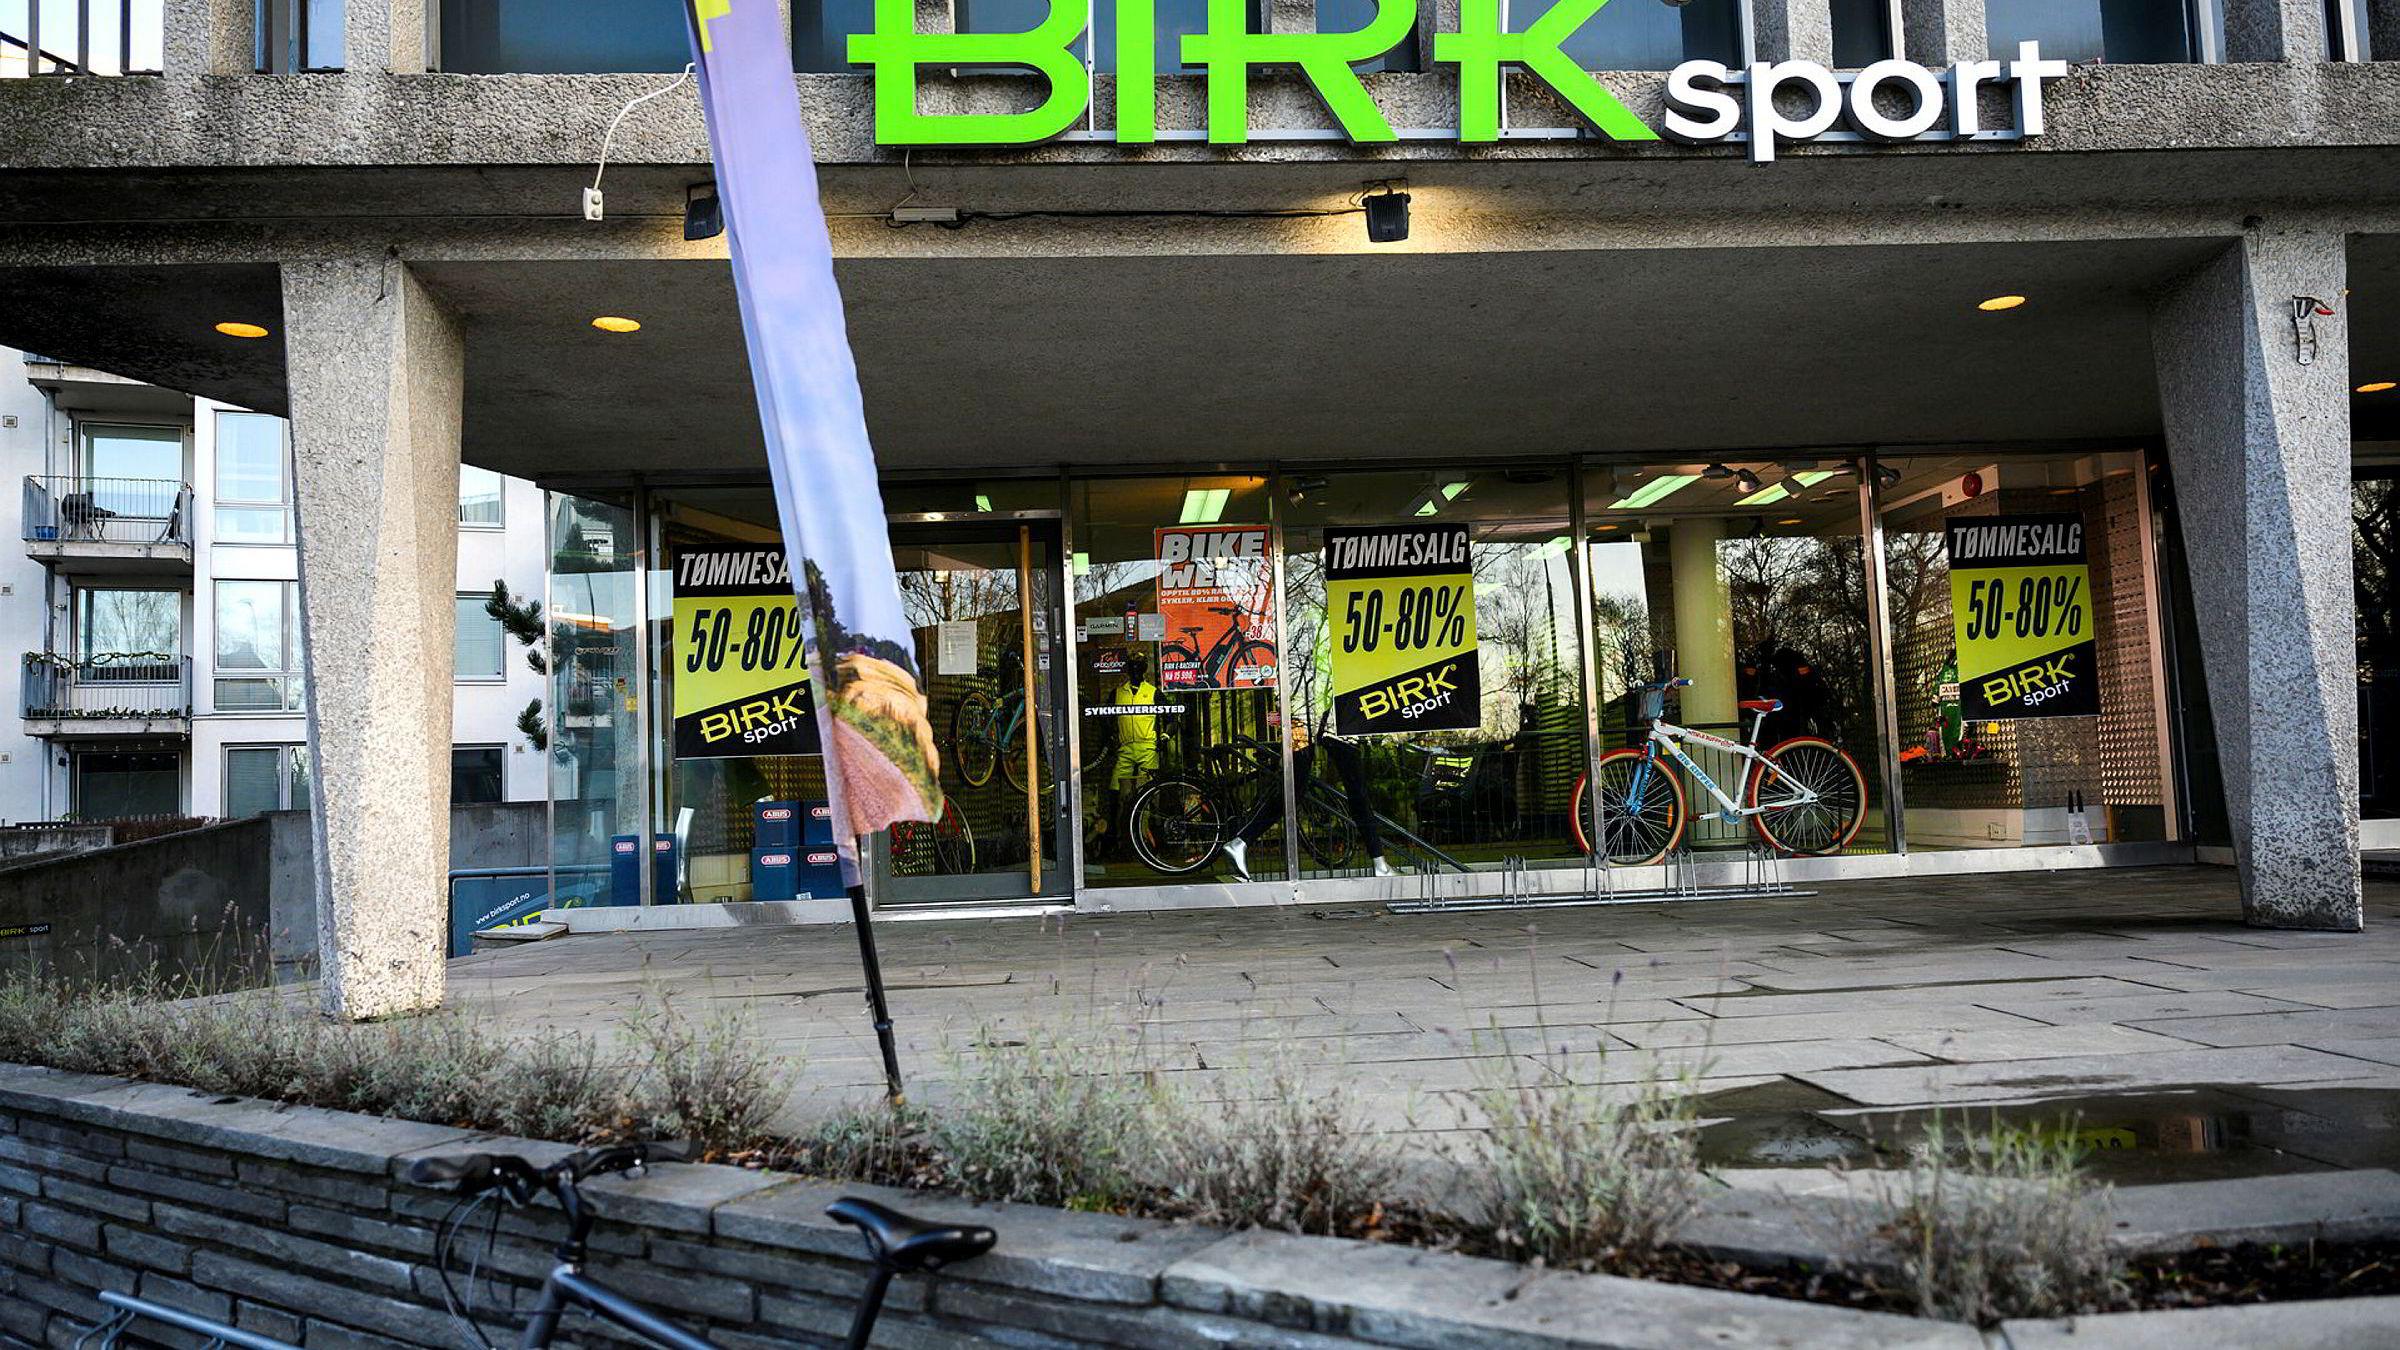 Birk Sport gikk onsdag konkurs med en gjeld på litt over 50 millioner kroner. Her er Birk Sports butikk på Torshov i Oslo.